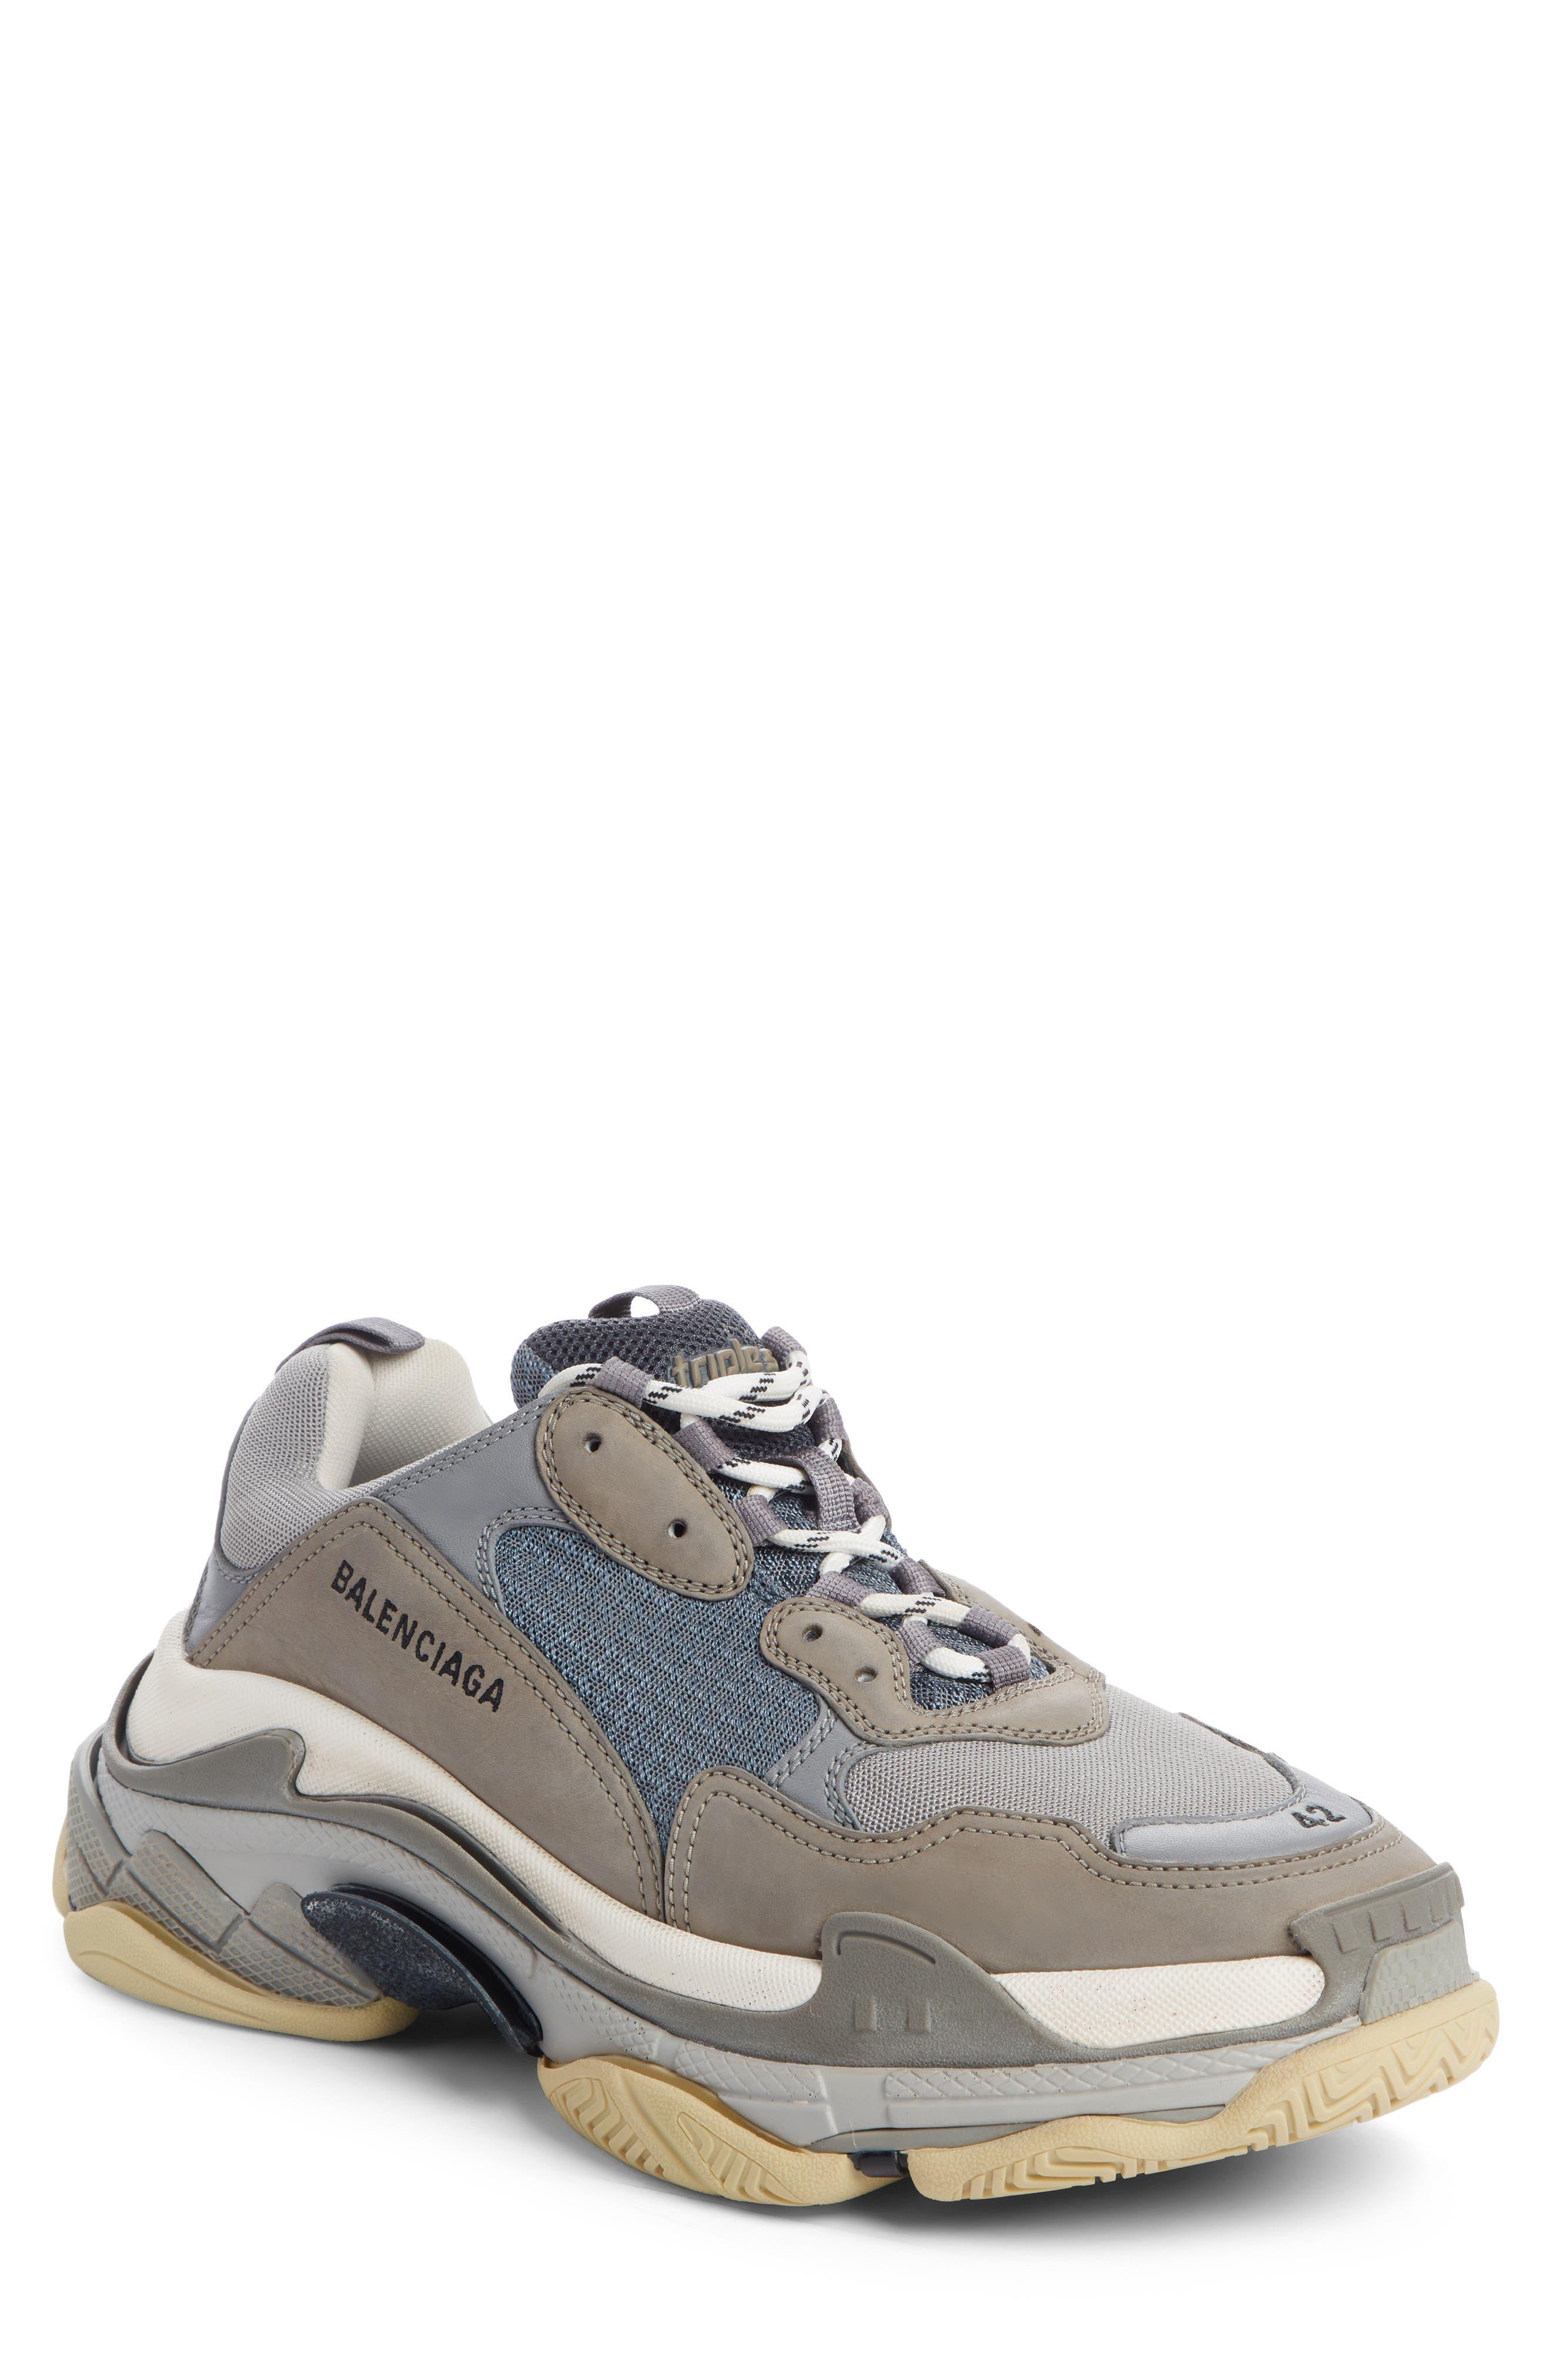 Shop Balenciaga Triple S Retro Sneaker